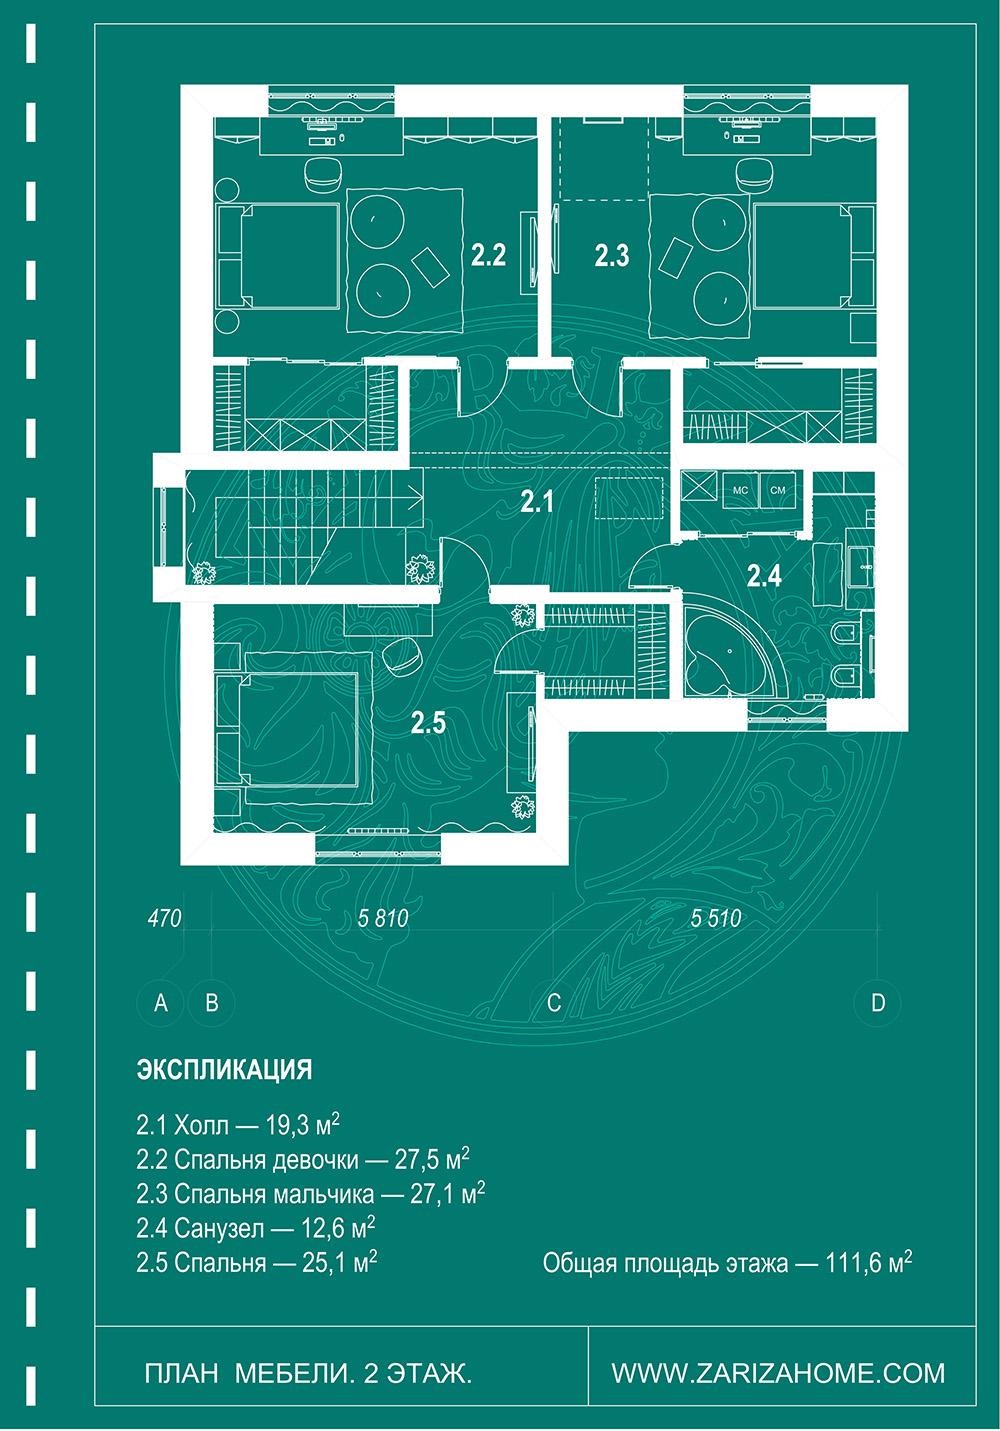 план мебели и оборудования 2 этажа